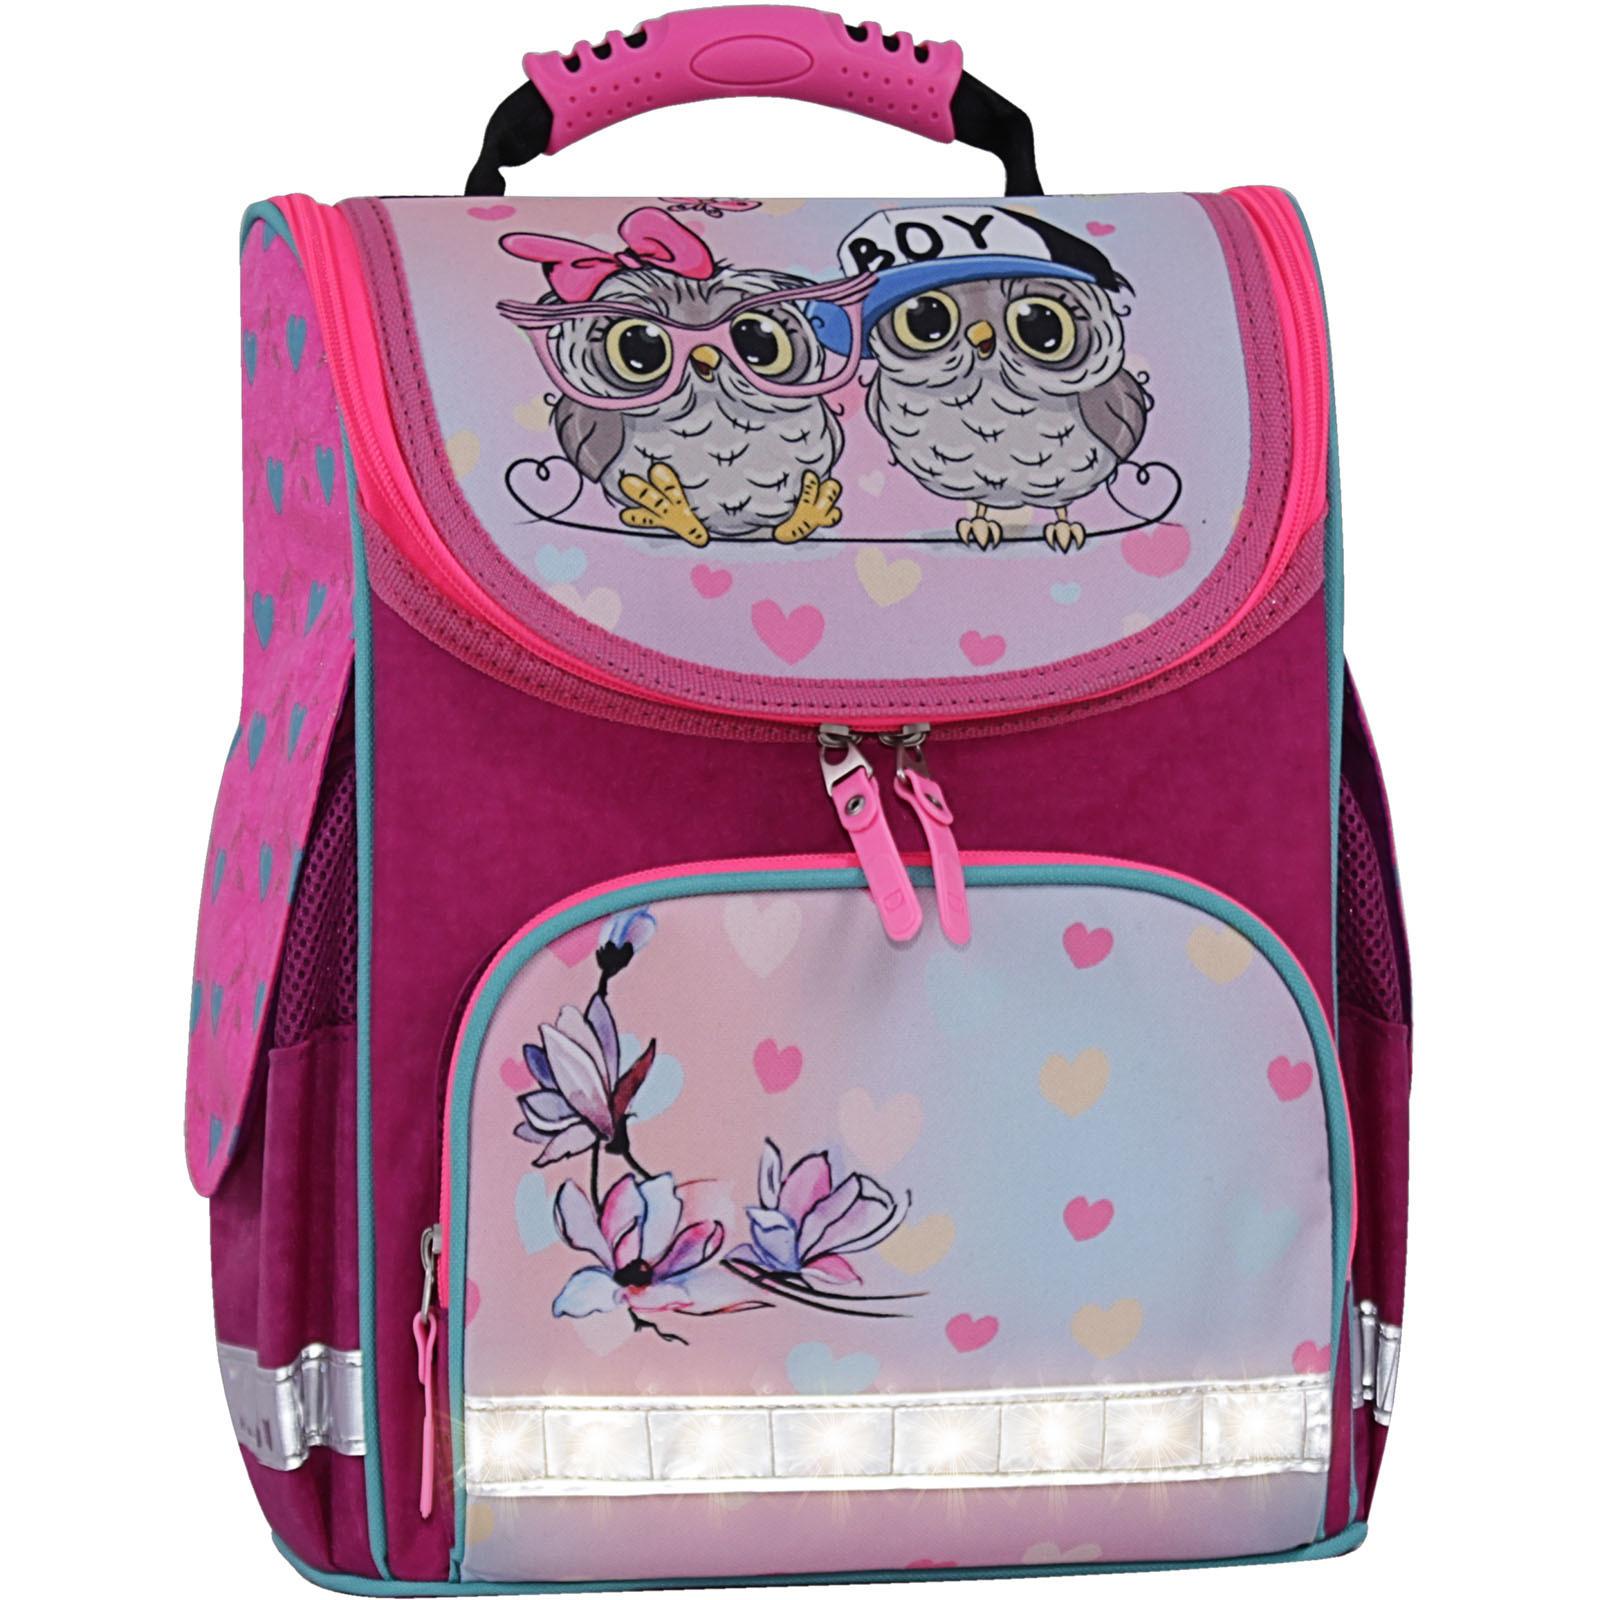 Для детей Рюкзак школьный каркасный с фонариками Bagland Успех 12 л. малиновый 515 (00551703) IMG_3938свет.суб515-1600.jpg